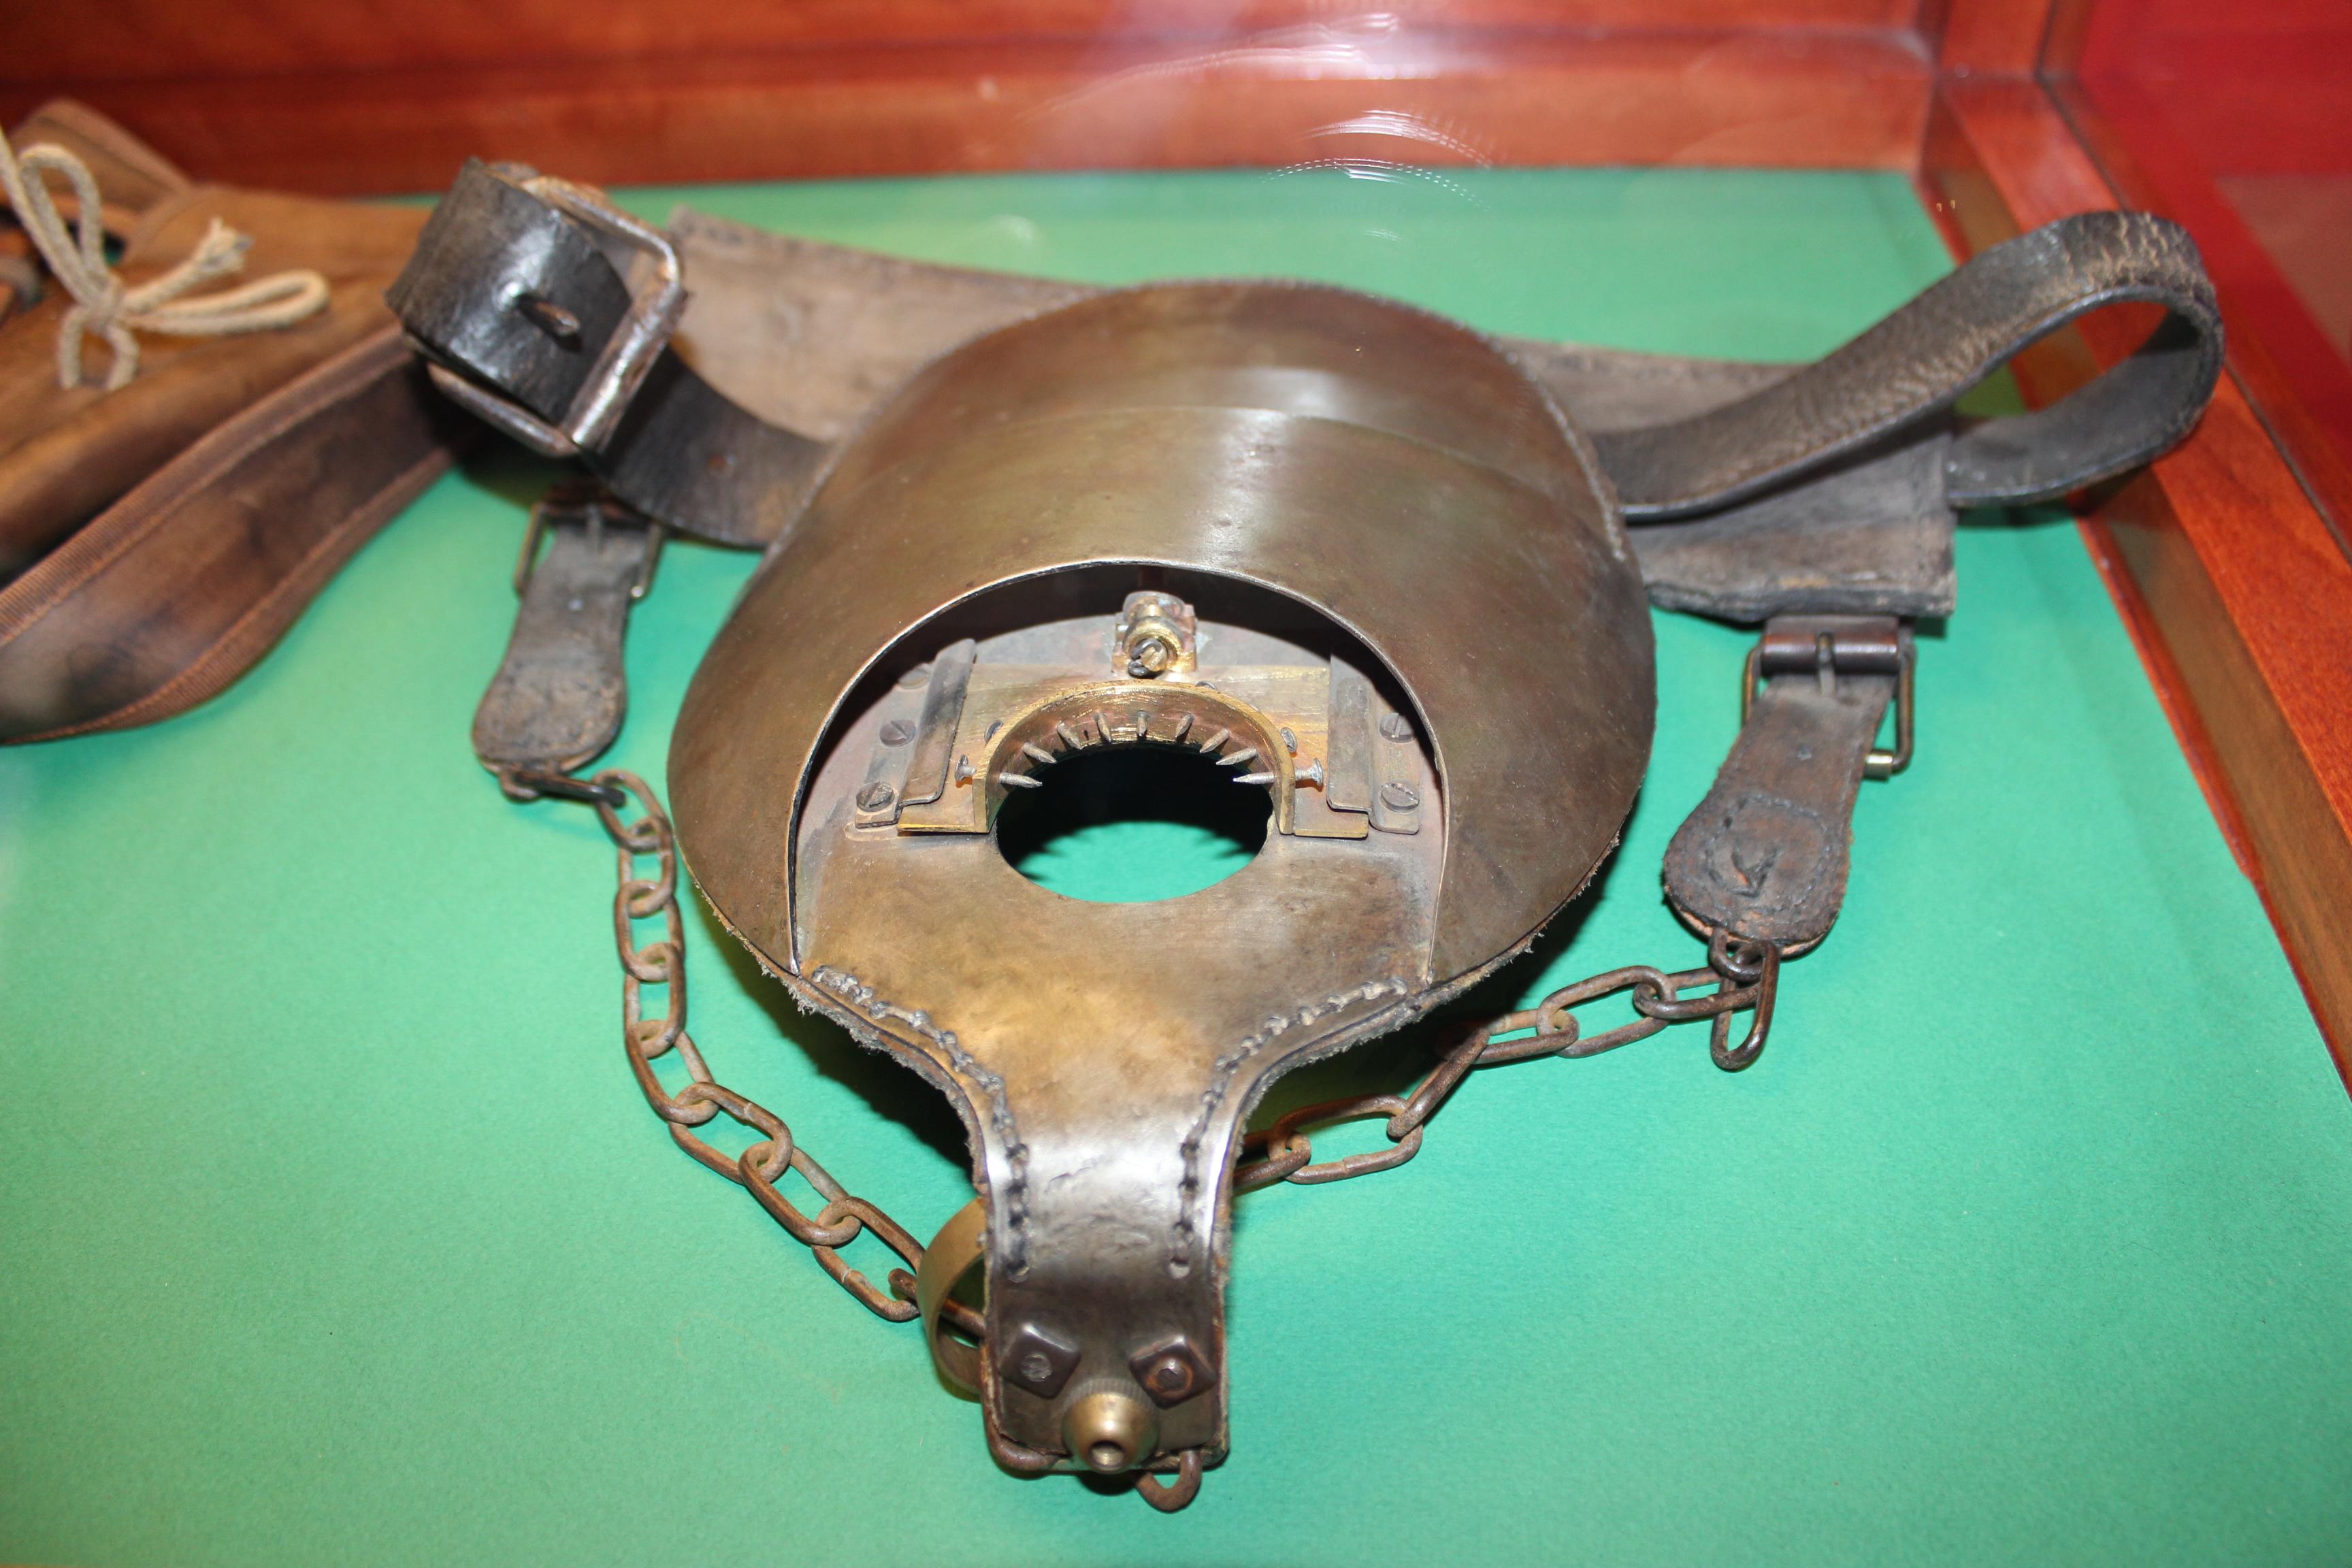 Čo myslíte, je tento pás cudnosti určený pre pánov, alebo pre dámy?